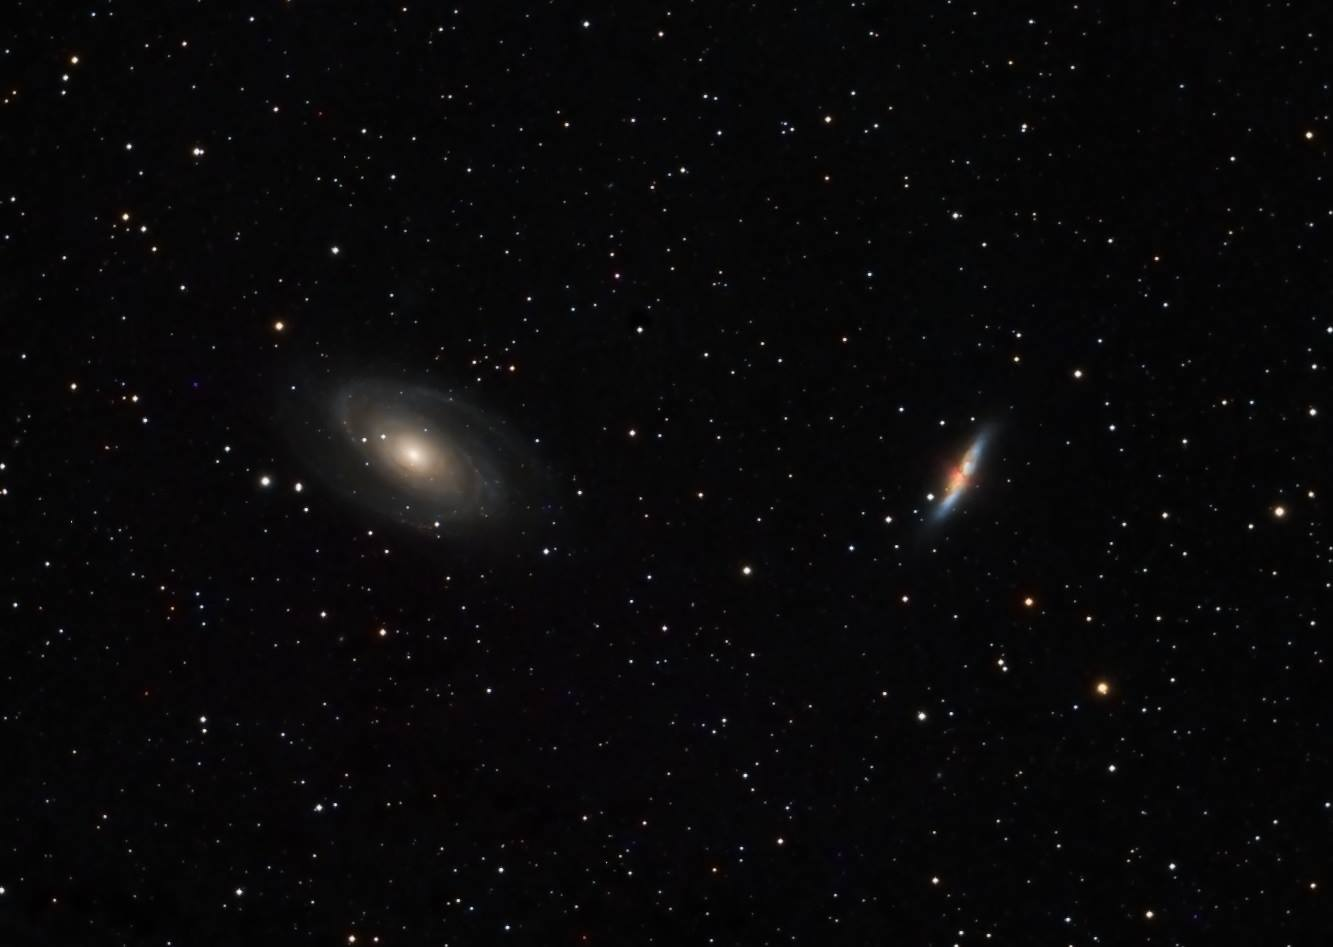 صورة رائعة للثنائي المجري الشهير M81, M82.